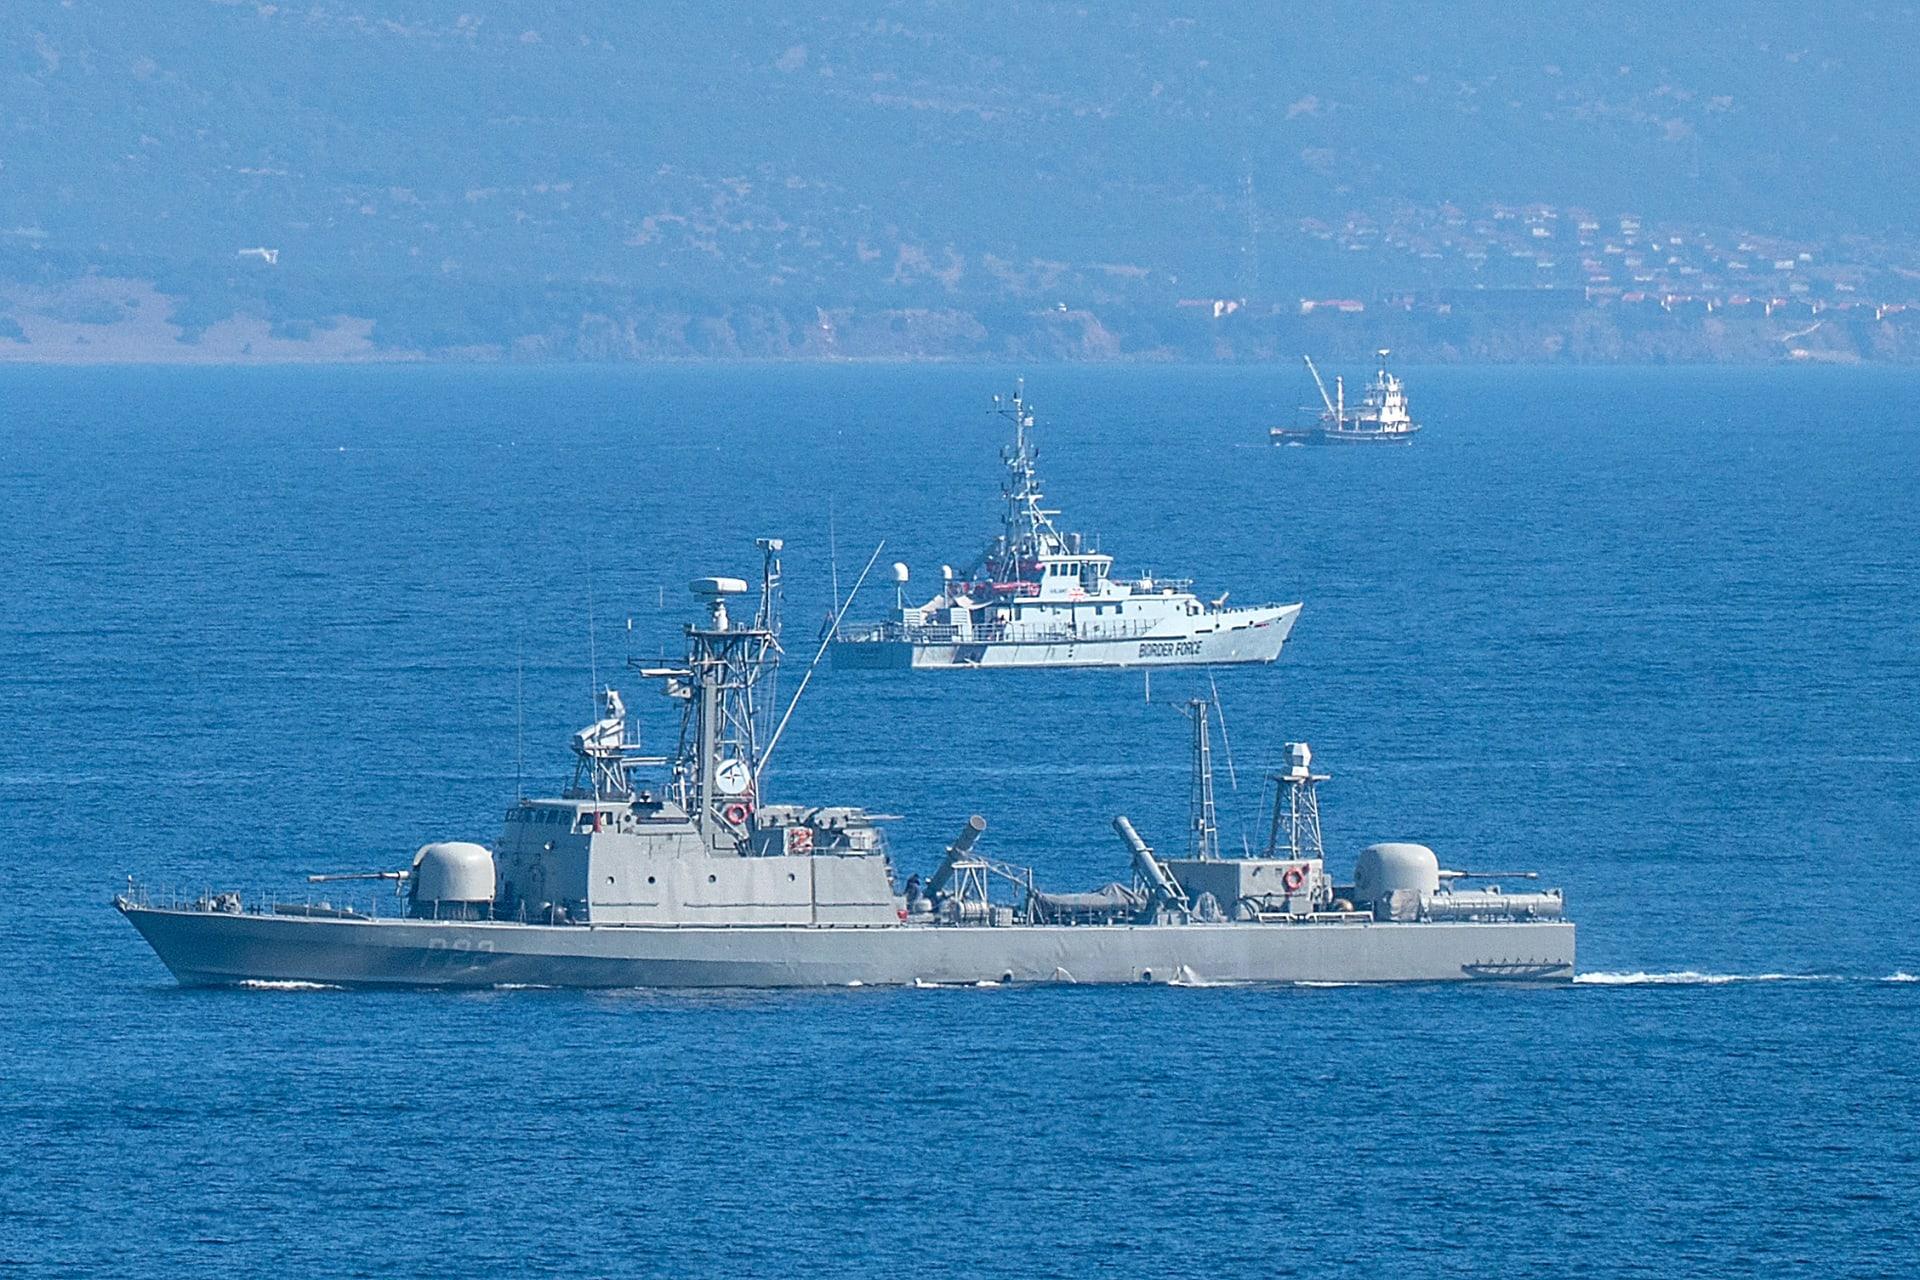 قطع بحرية يونانية في شرق البحر المتوسط